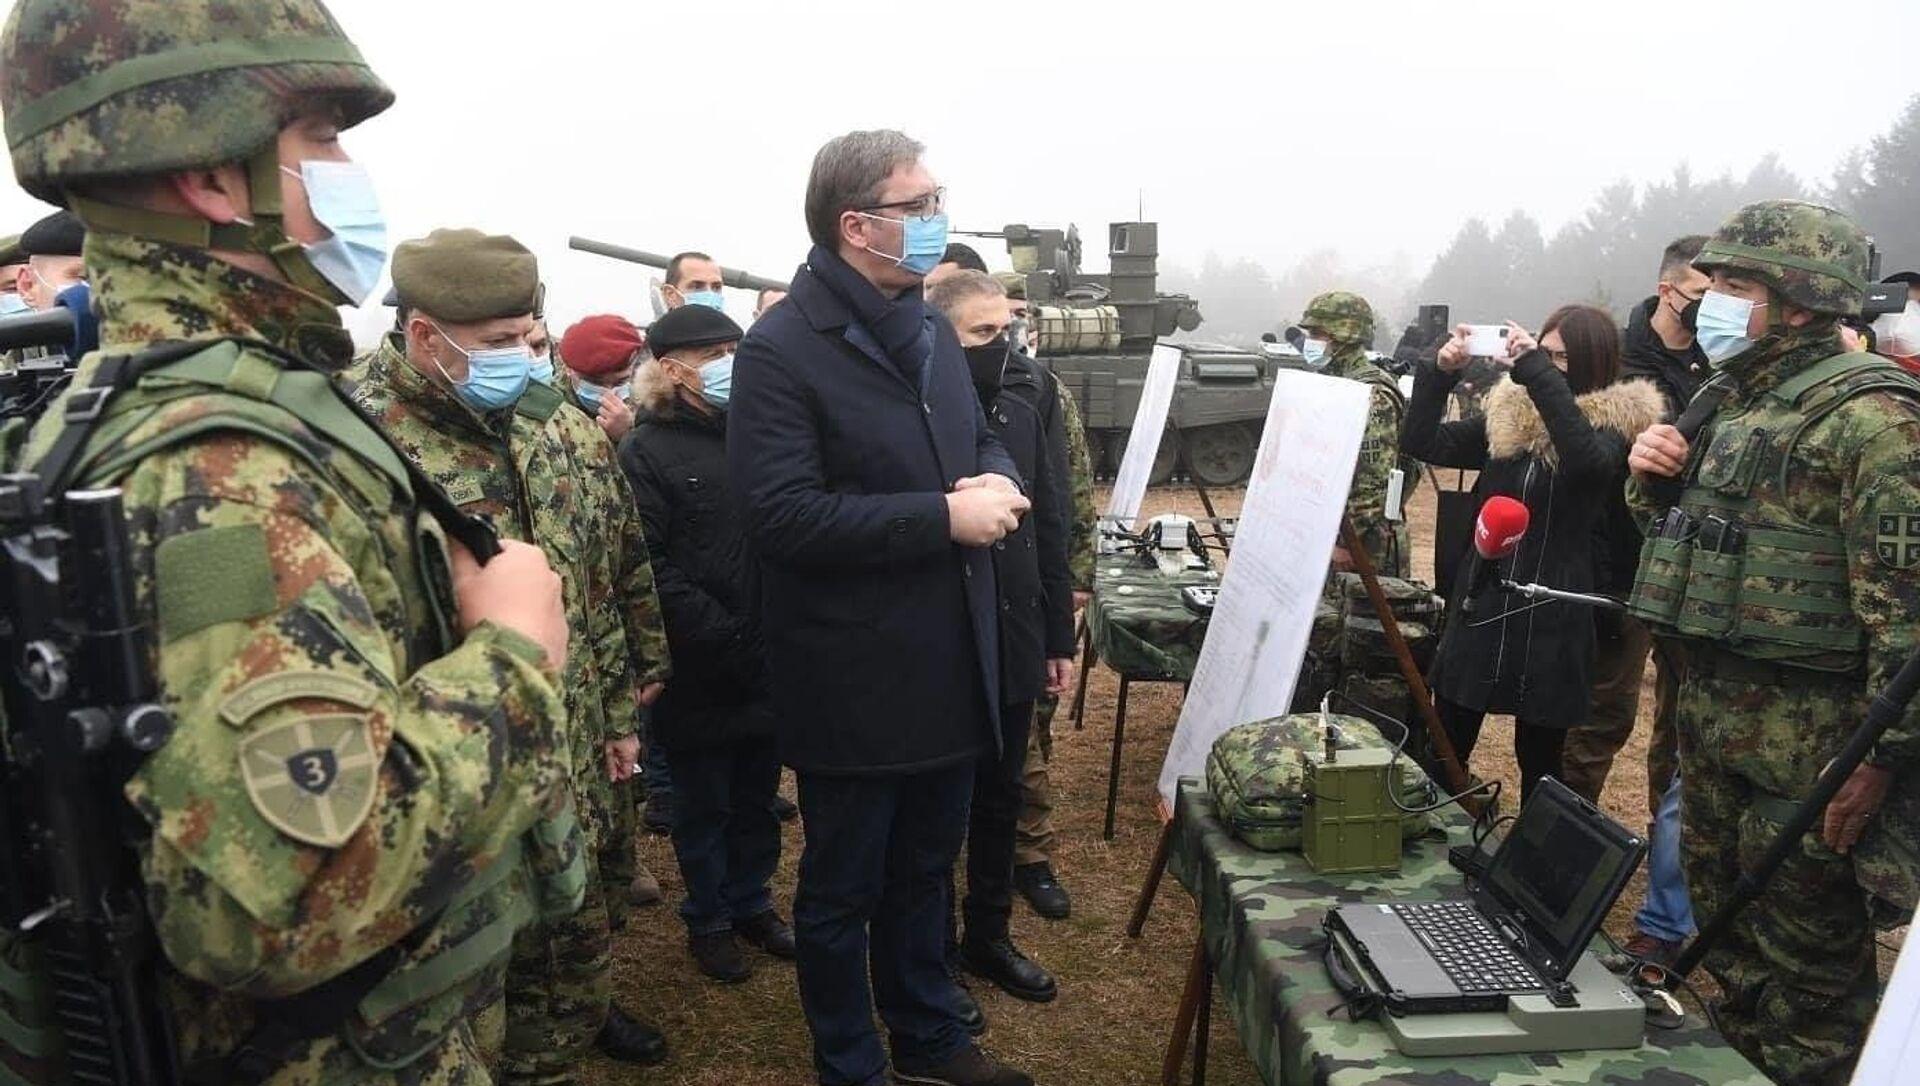 Prezydent Serbii Aleksandar Vučić podczas inspekcji czołgów T-72MS otrzymanych w ramach umowy o współpracy wojskowo-technicznej z Rosją. - Sputnik Polska, 1920, 23.05.2021